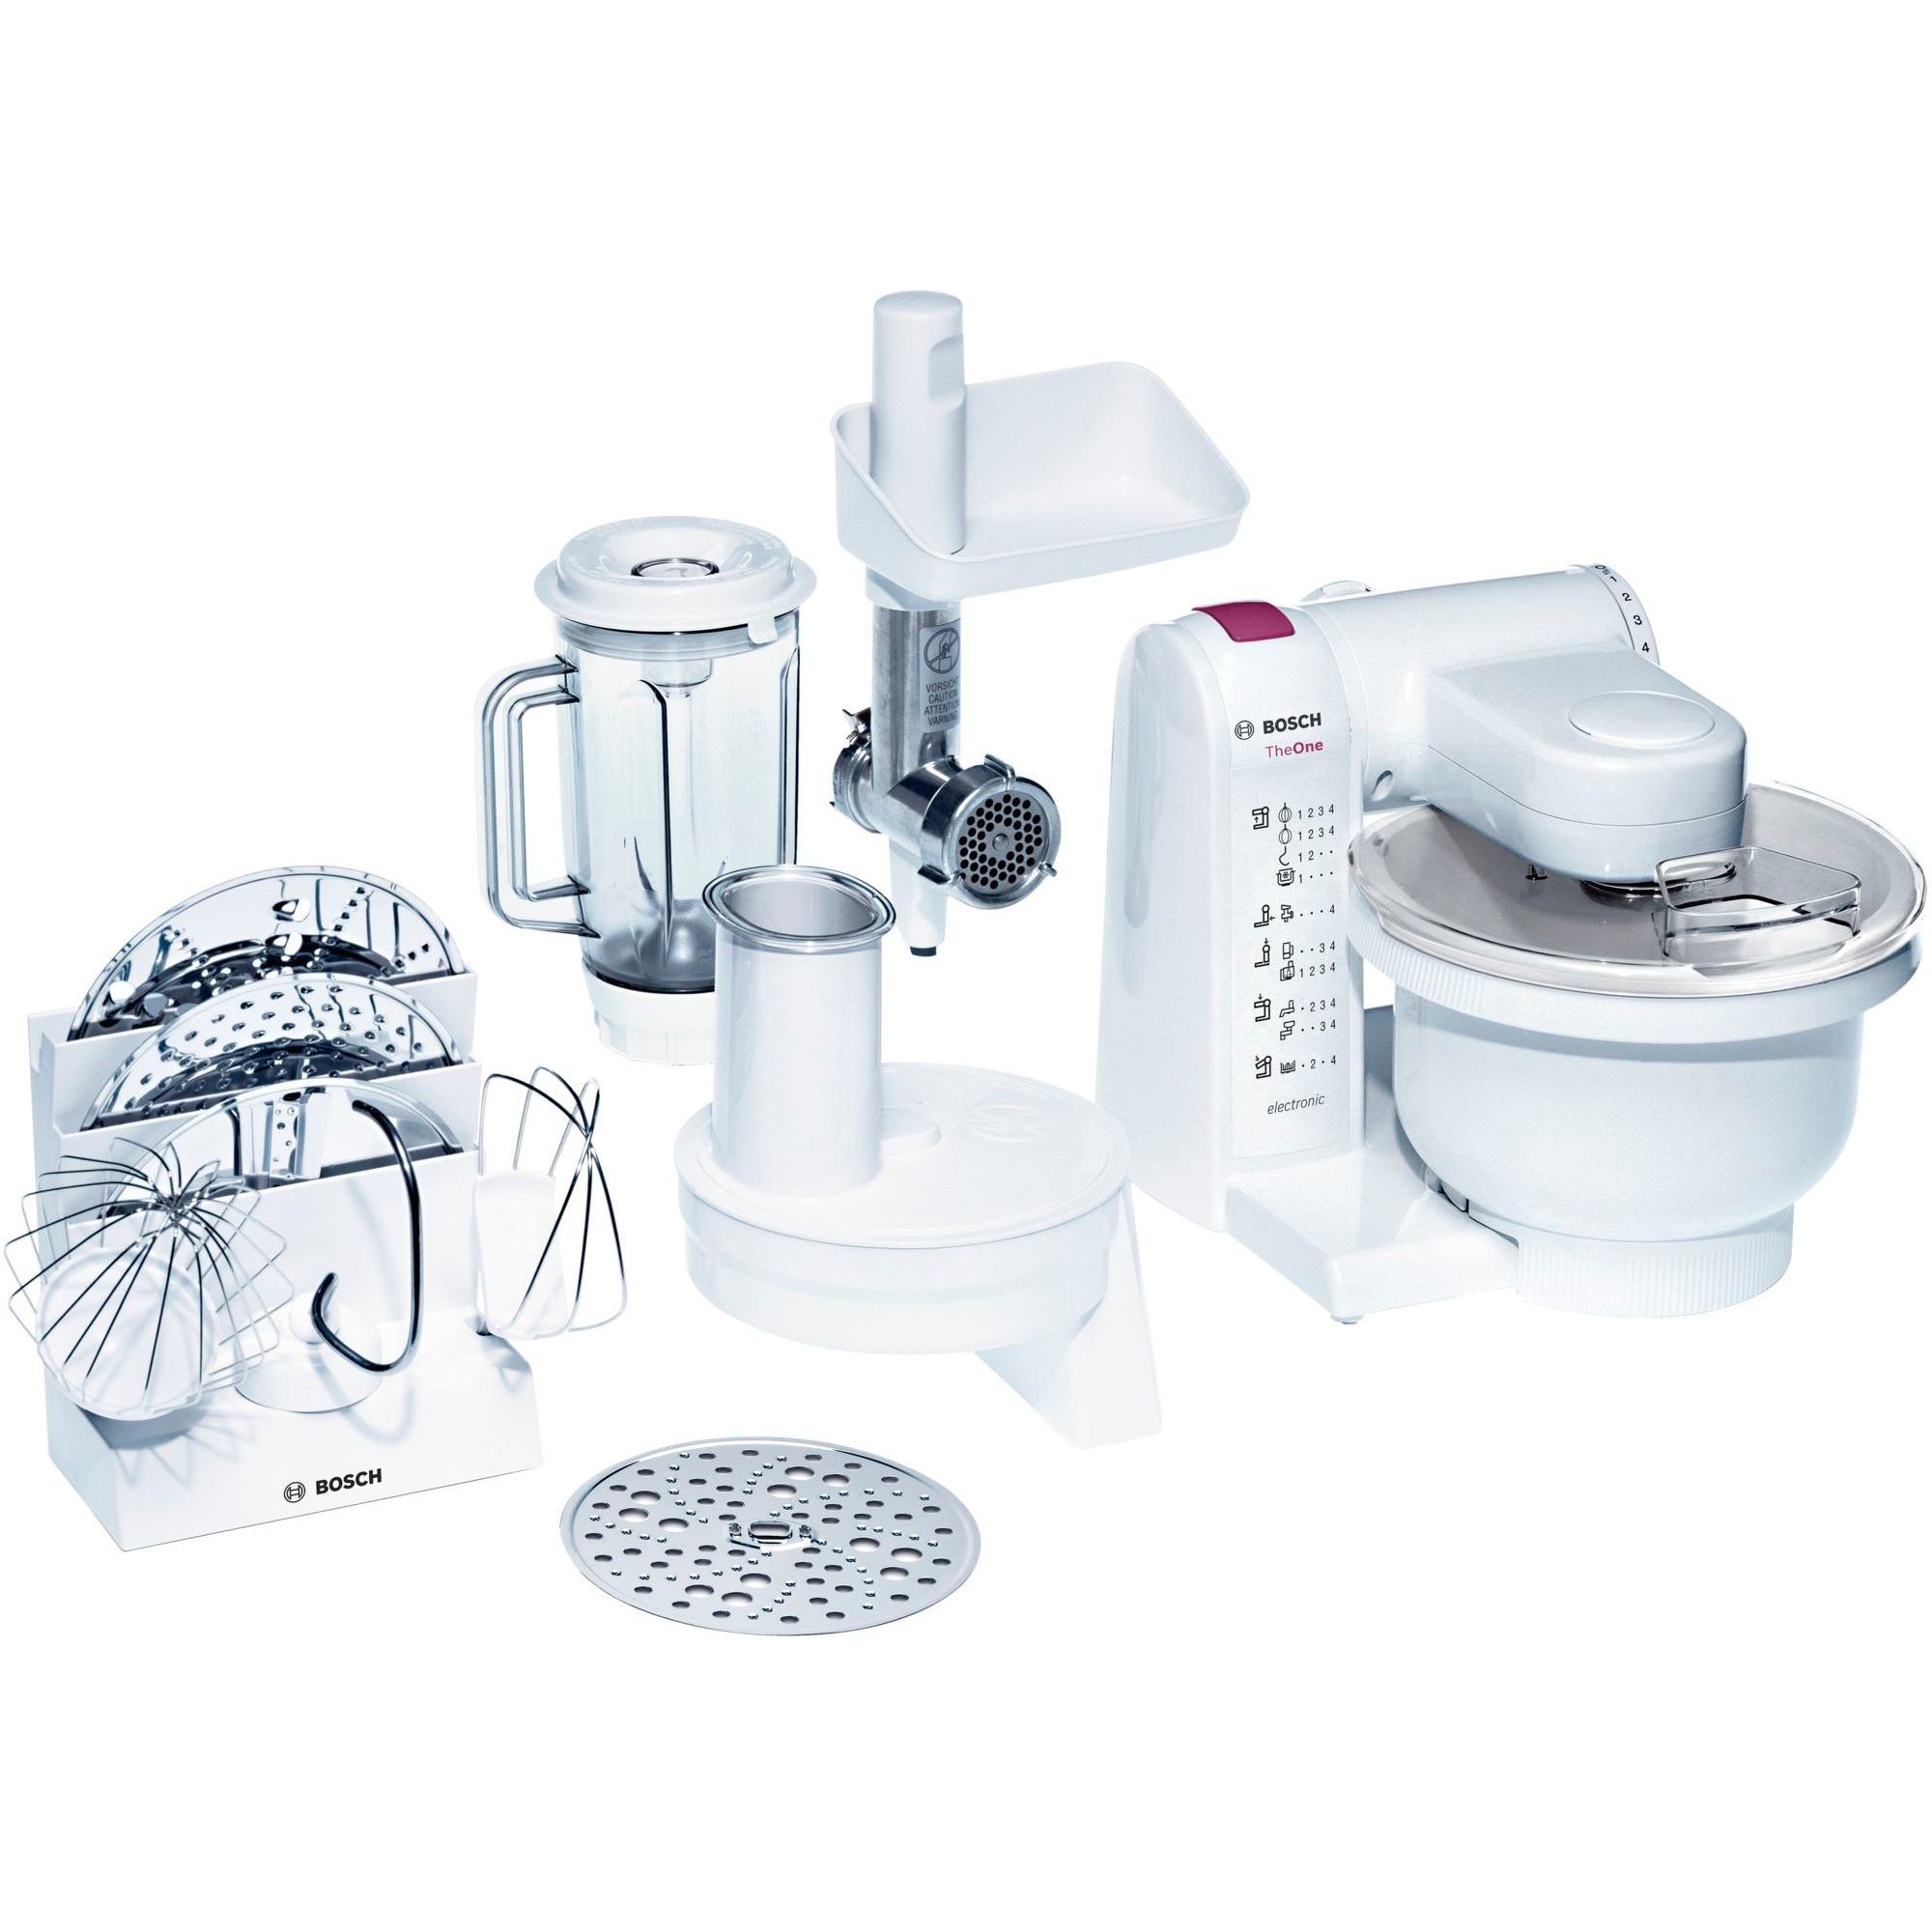 MUM4657 550W Blanco robot de cocina